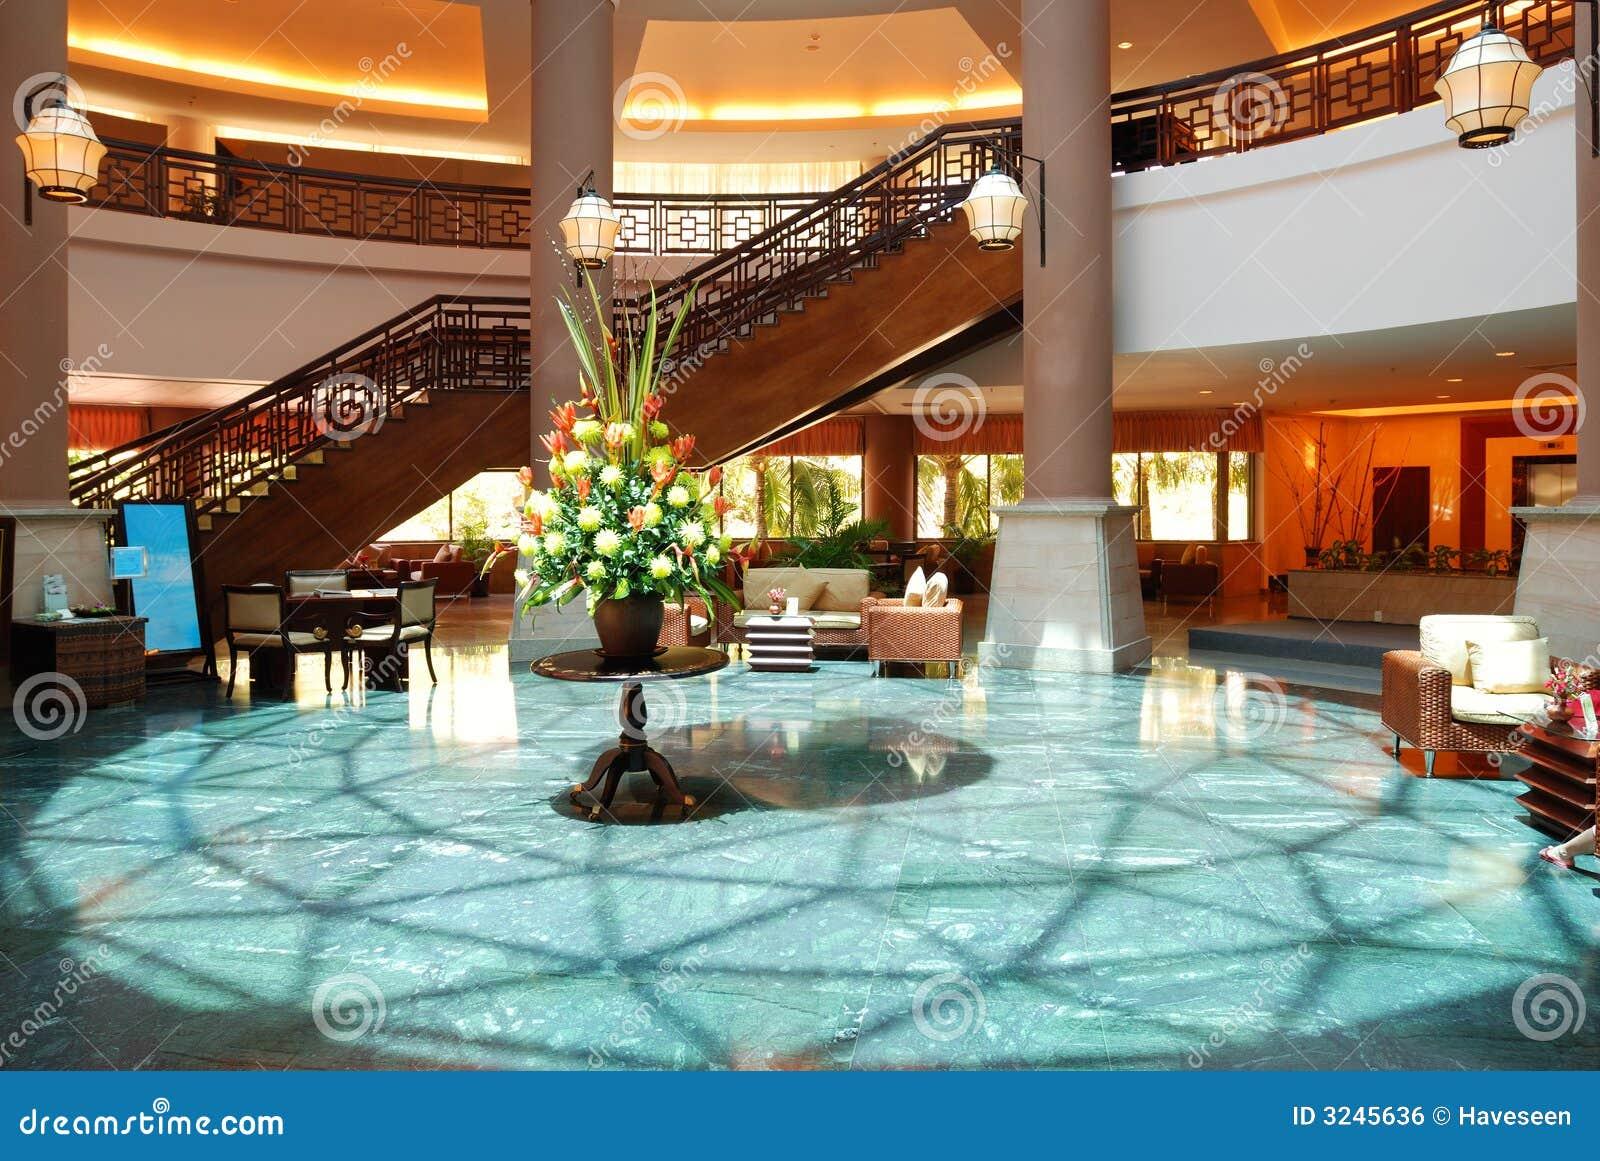 Pasillo del hotel de lujo imagen de archivo libre de for Hoteles de lujo en vitoria